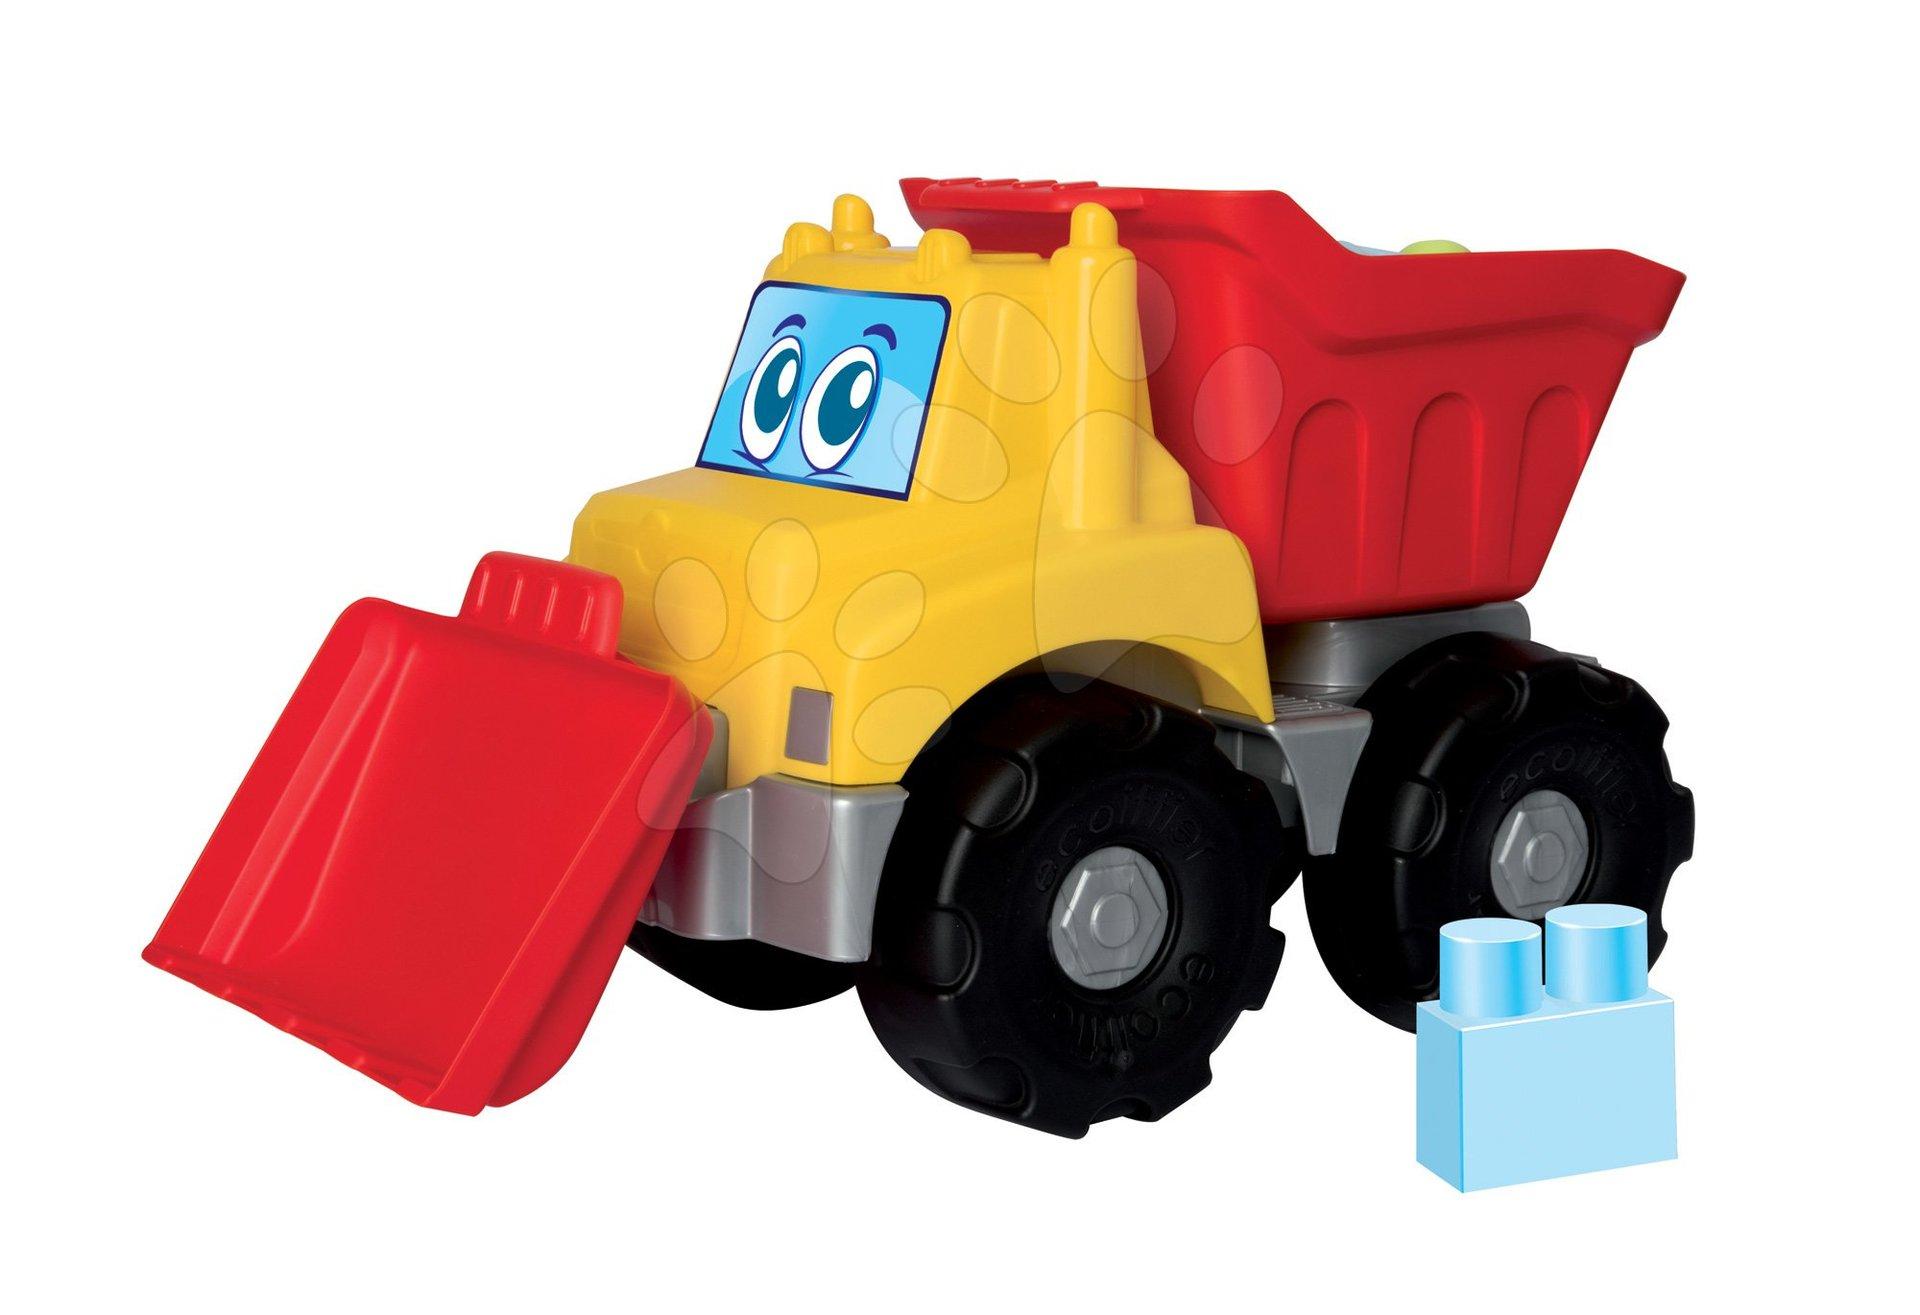 Écoiffier stavebnica pre bábätká Les Maxi auto s 15 kockami 7819